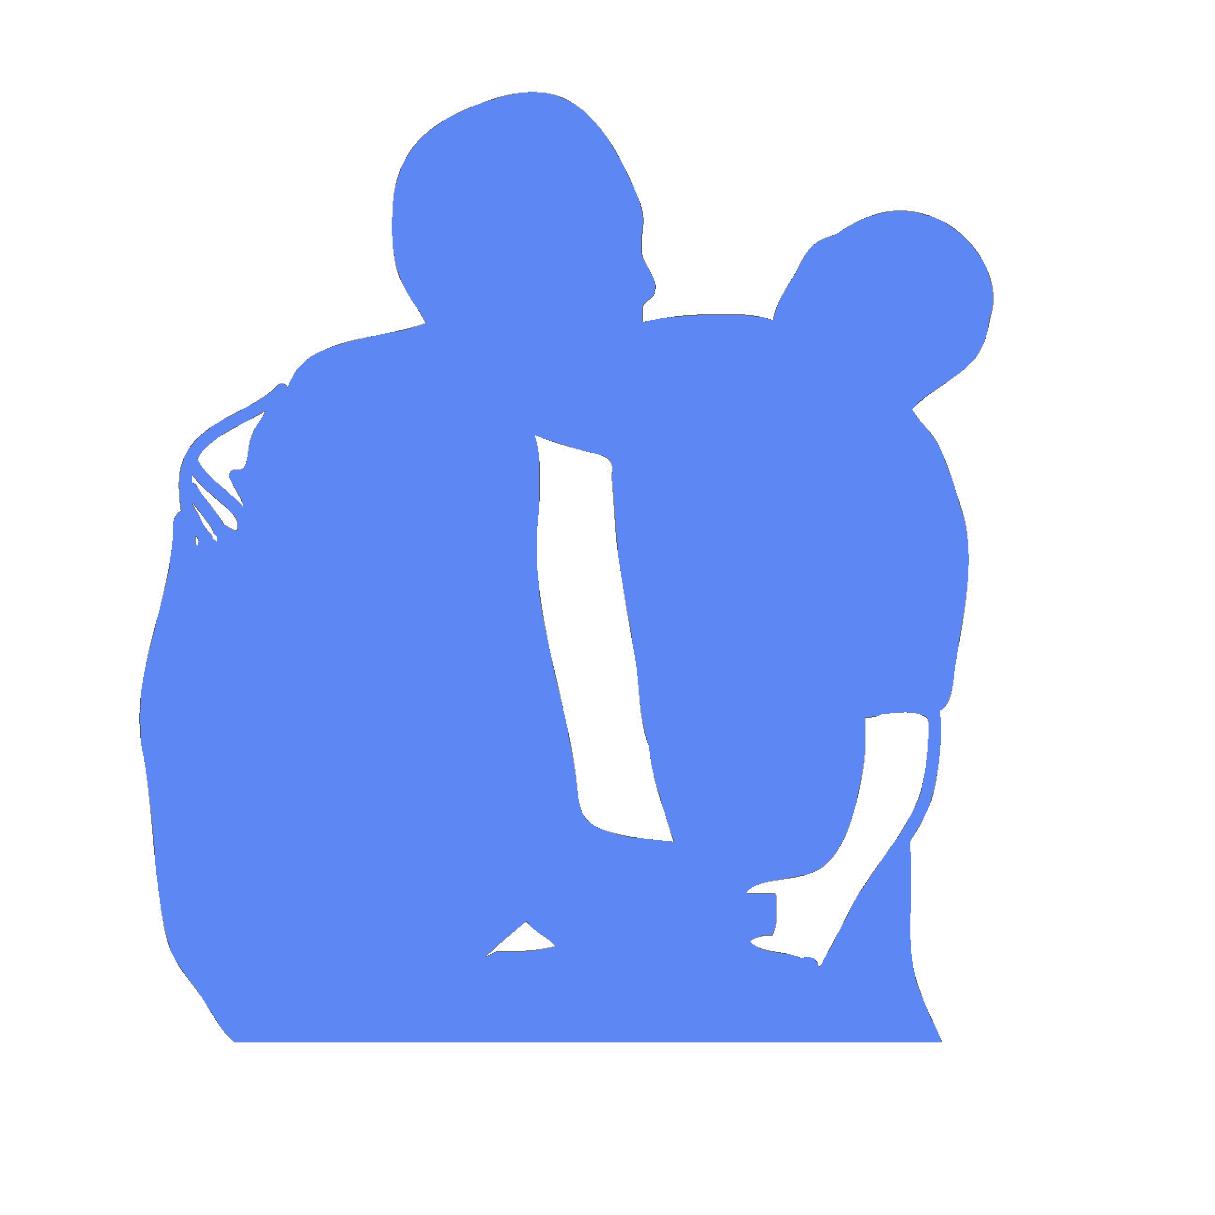 EFT(感情解放テクニック)を表しているイメージ